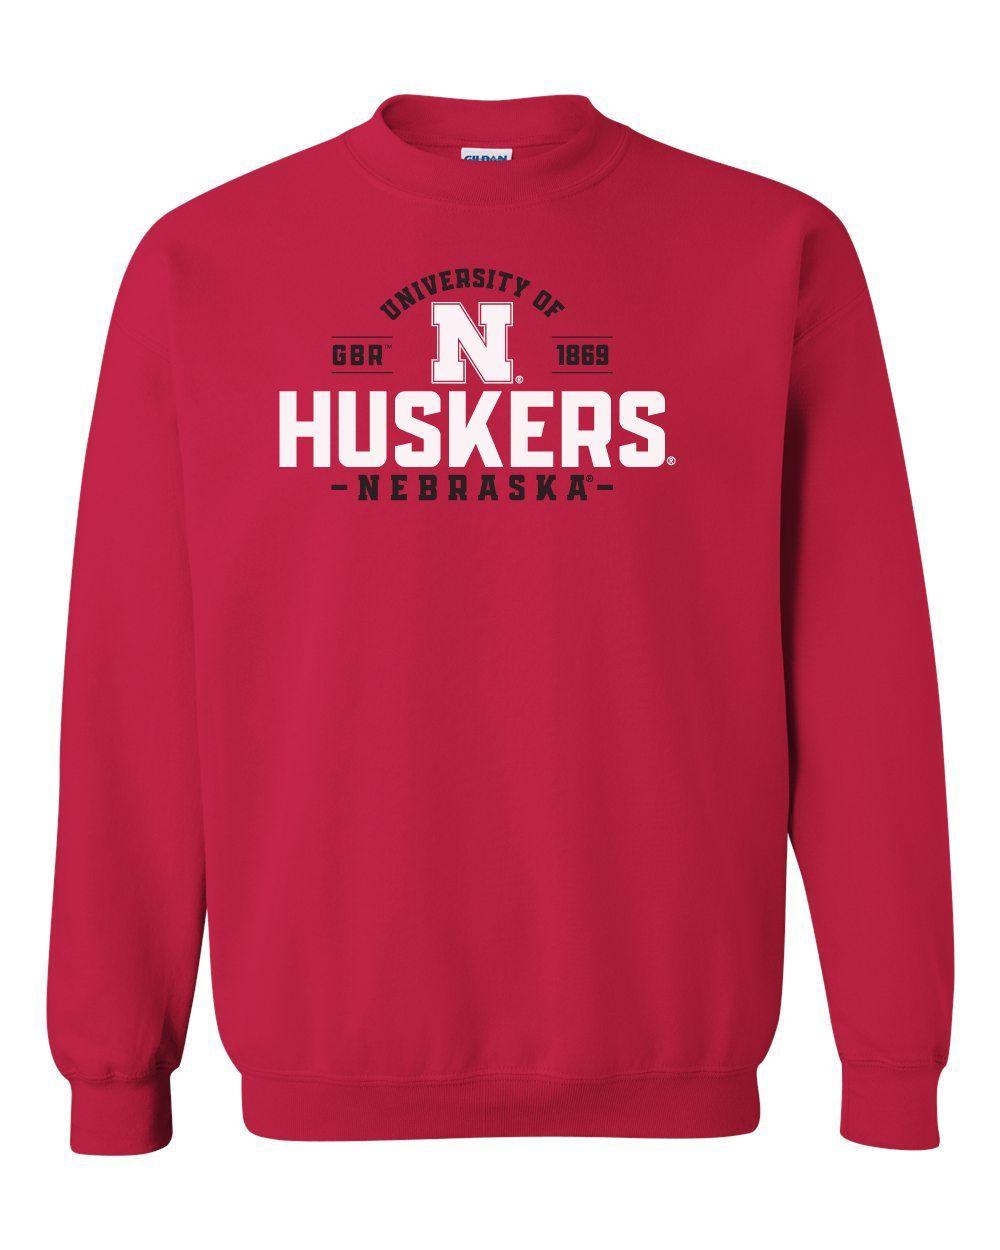 Nebraska Huskers Crewneck Sweatshirt University Of Nebraska Huskers N In 2021 Nebraska Huskers Crew Neck Sweatshirt Husker [ 1250 x 1000 Pixel ]